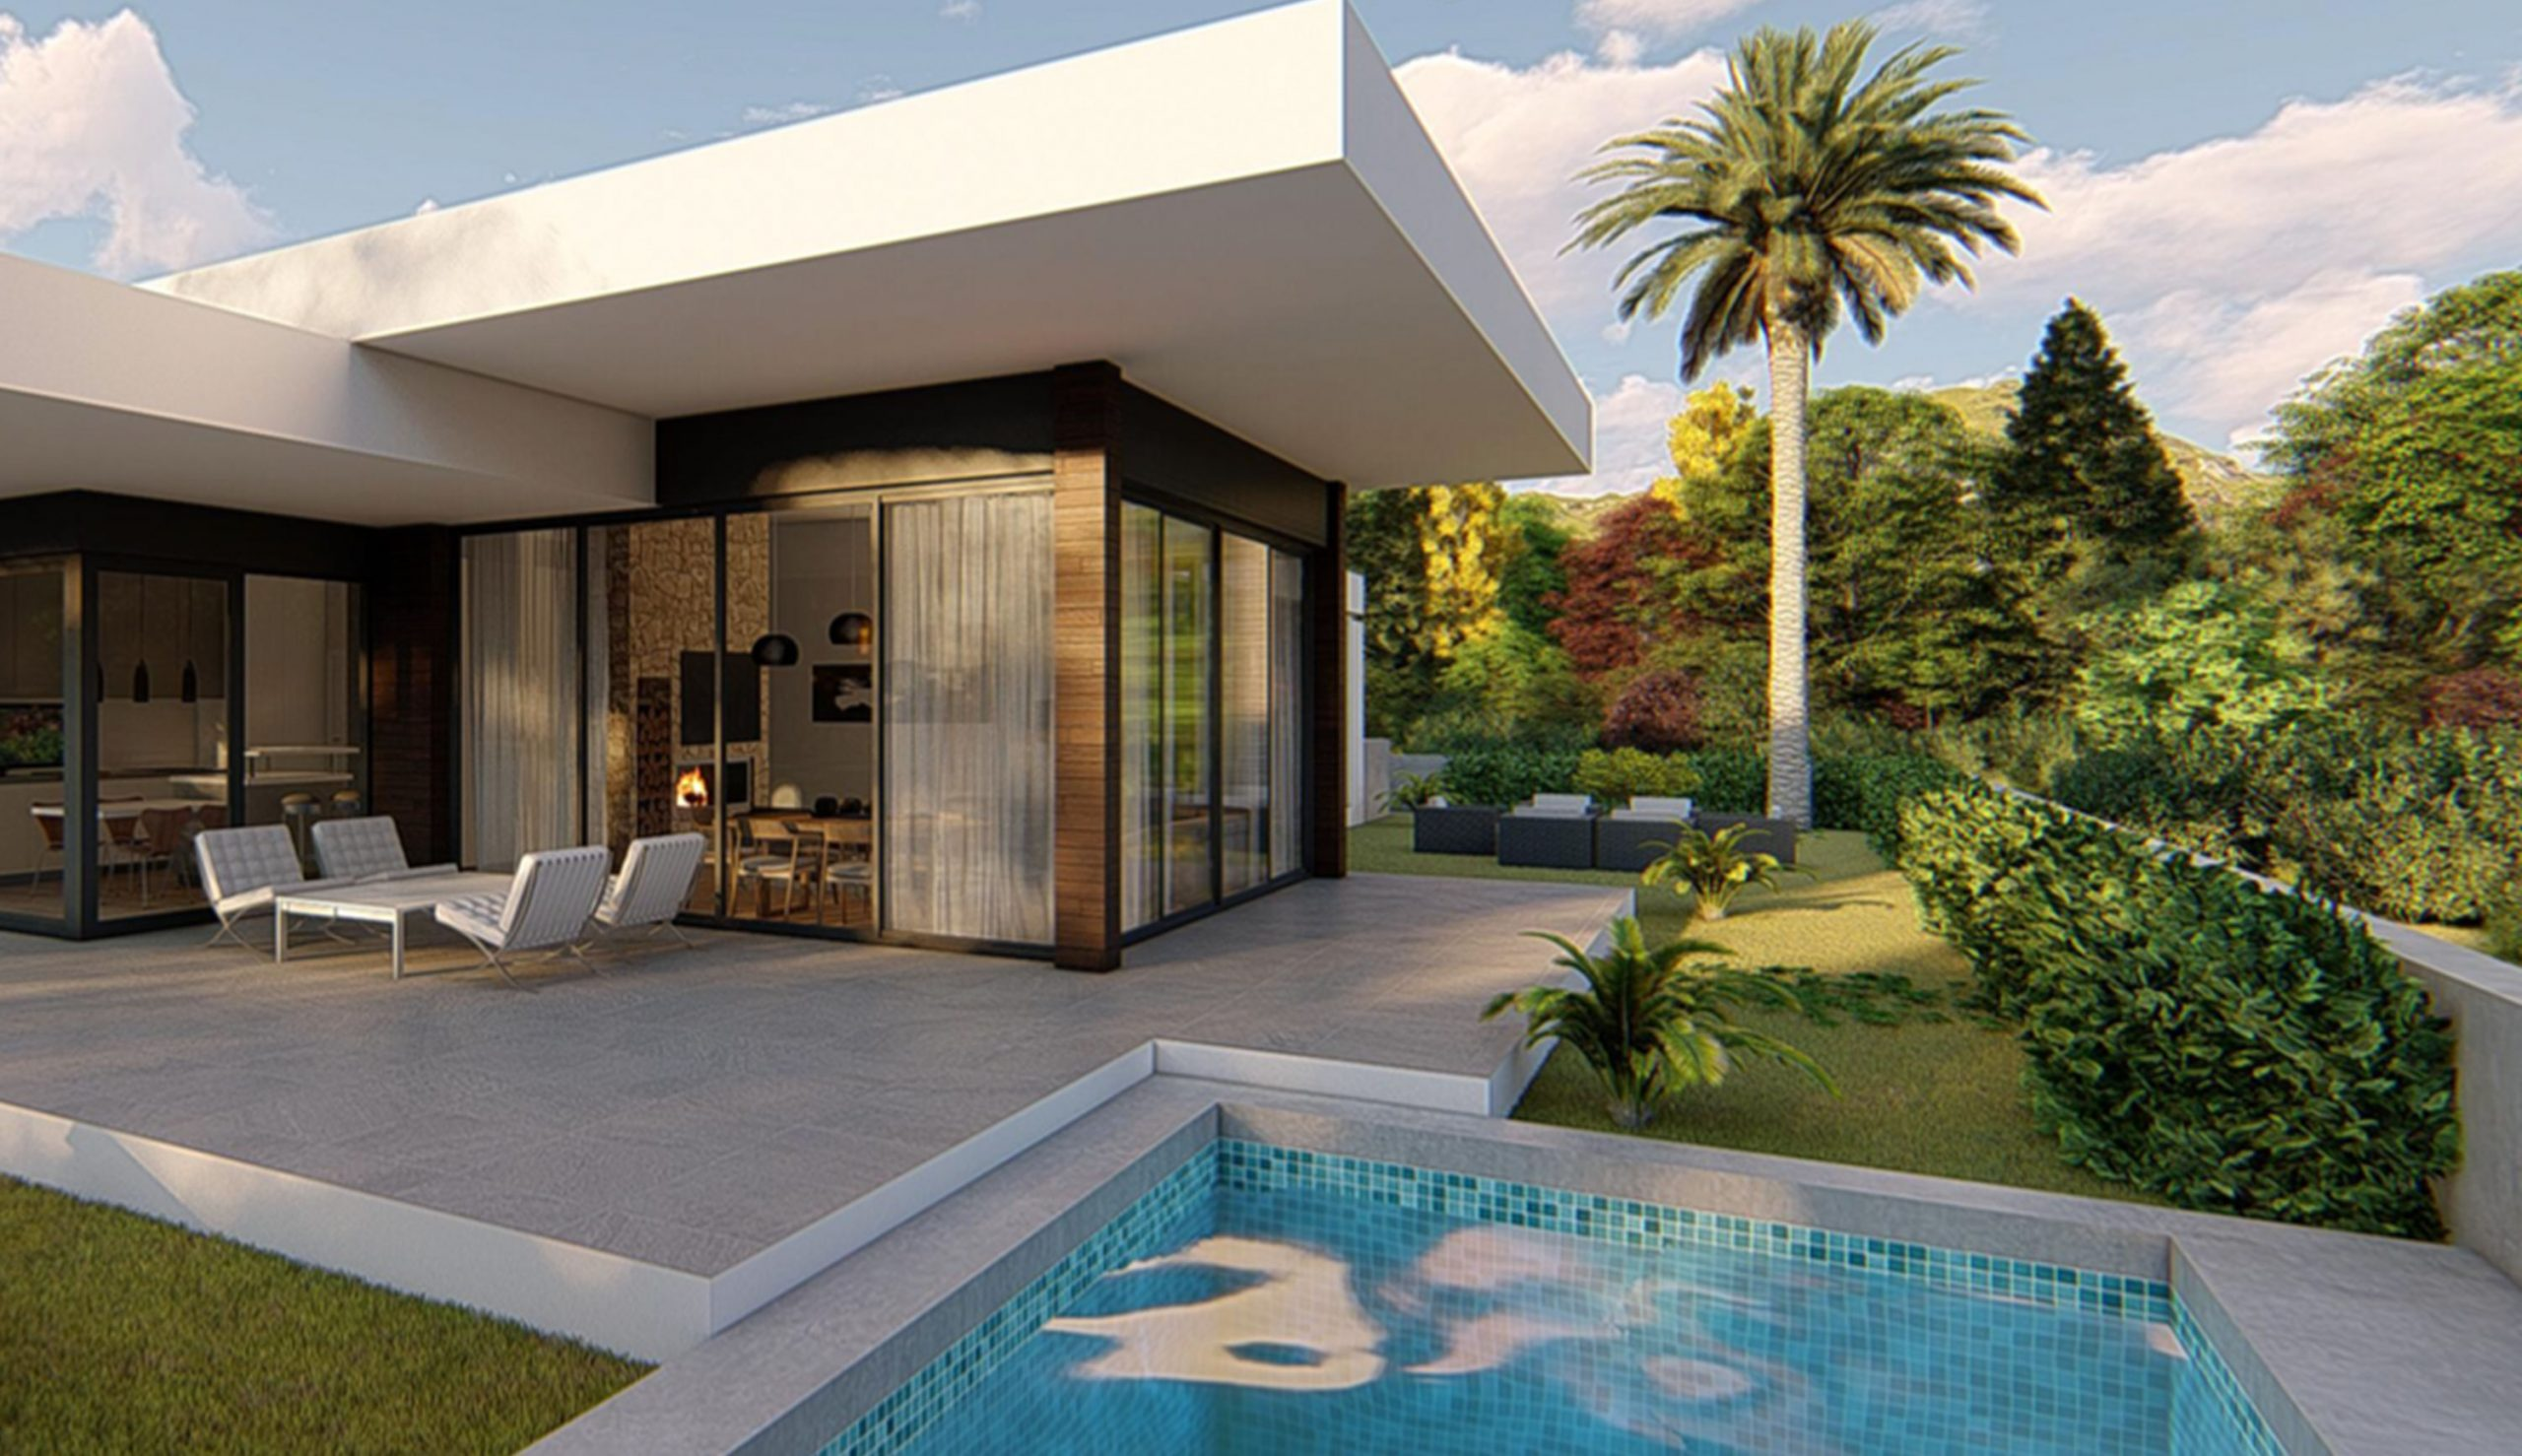 El mercado inmobiliario de Alicante triunfa con una gran oferta de inmuebles atractivos